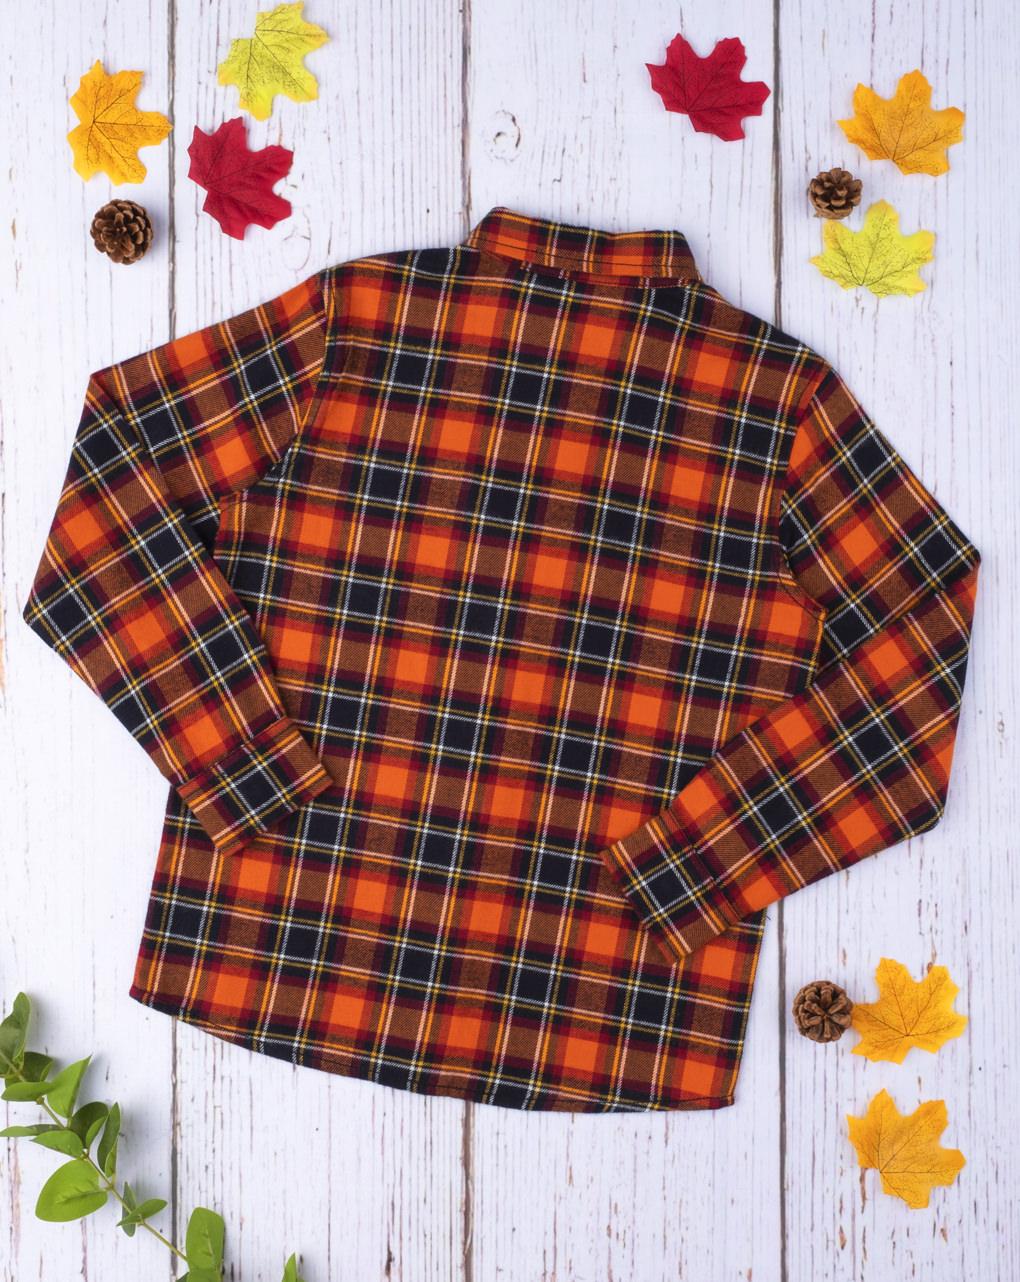 Camicia scozzese kid boy - Prénatal